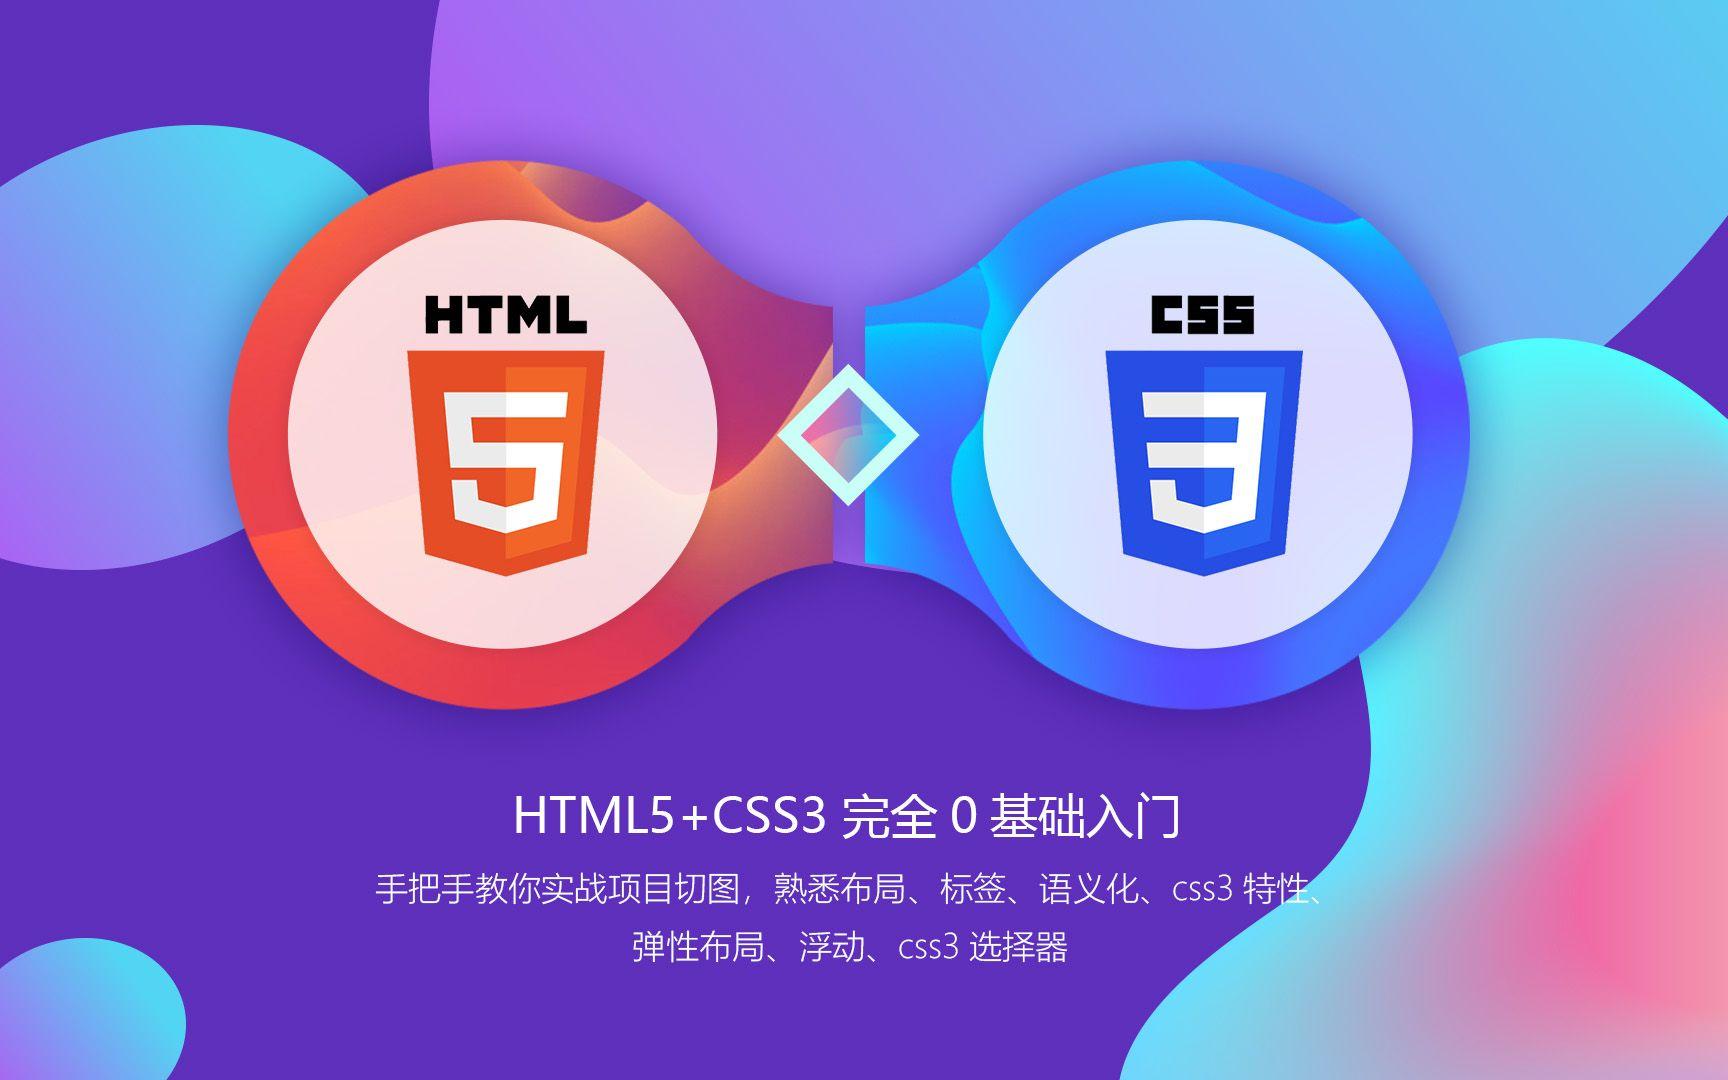 HTML5+CSS3 完全0基础入门,手把手教你实战项目切图,熟悉布局、标签、语义化、css3特性、弹性布局、浮动、css3选择器